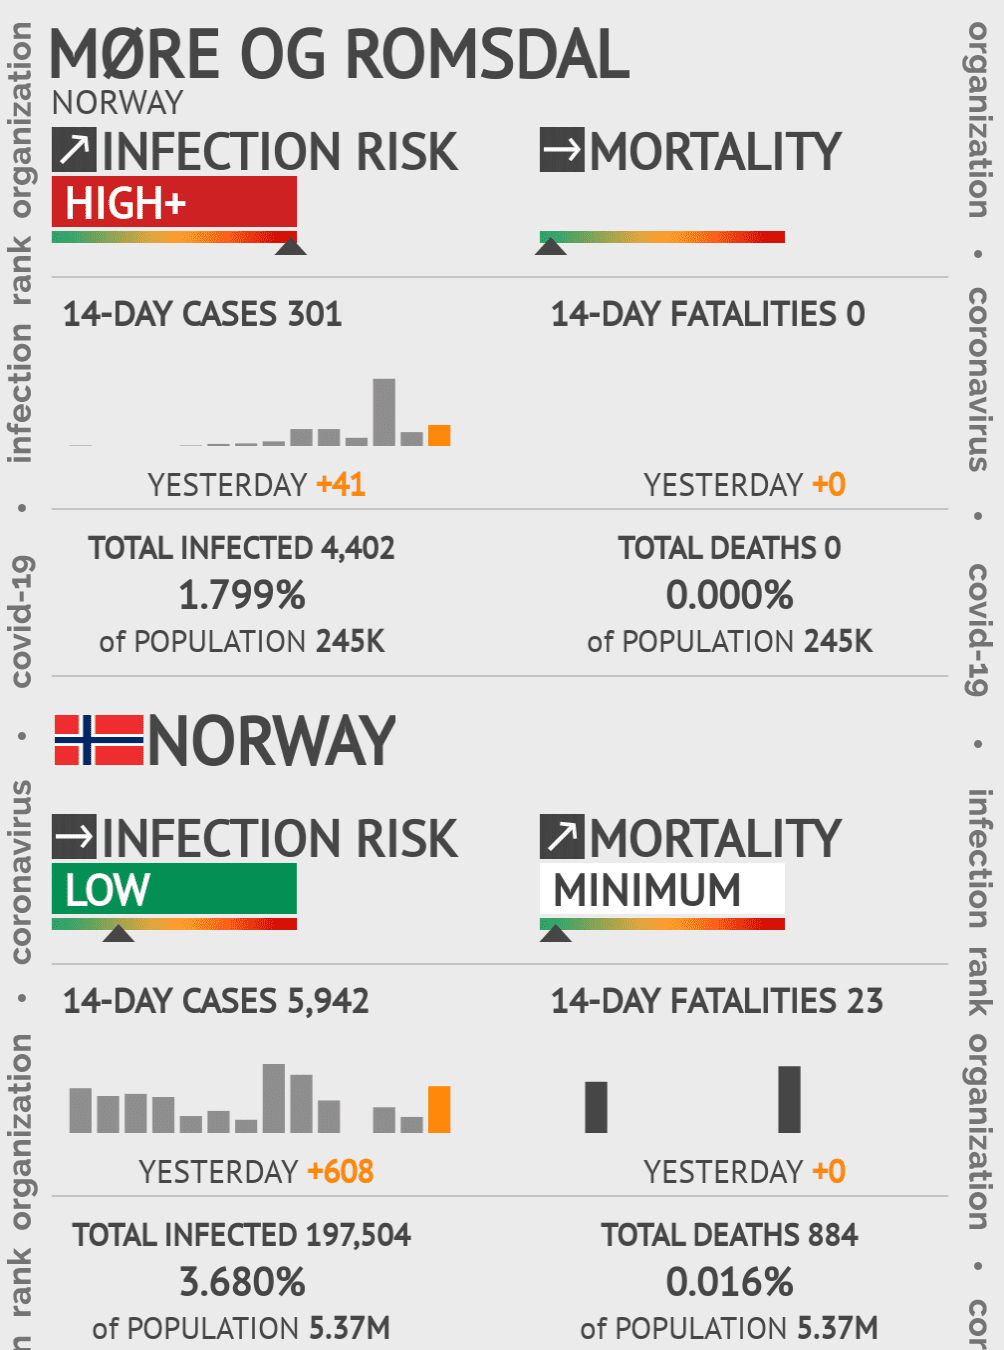 Møre og Romsdal Coronavirus Covid-19 Risk of Infection Update for 1 Counties on August 04, 2021